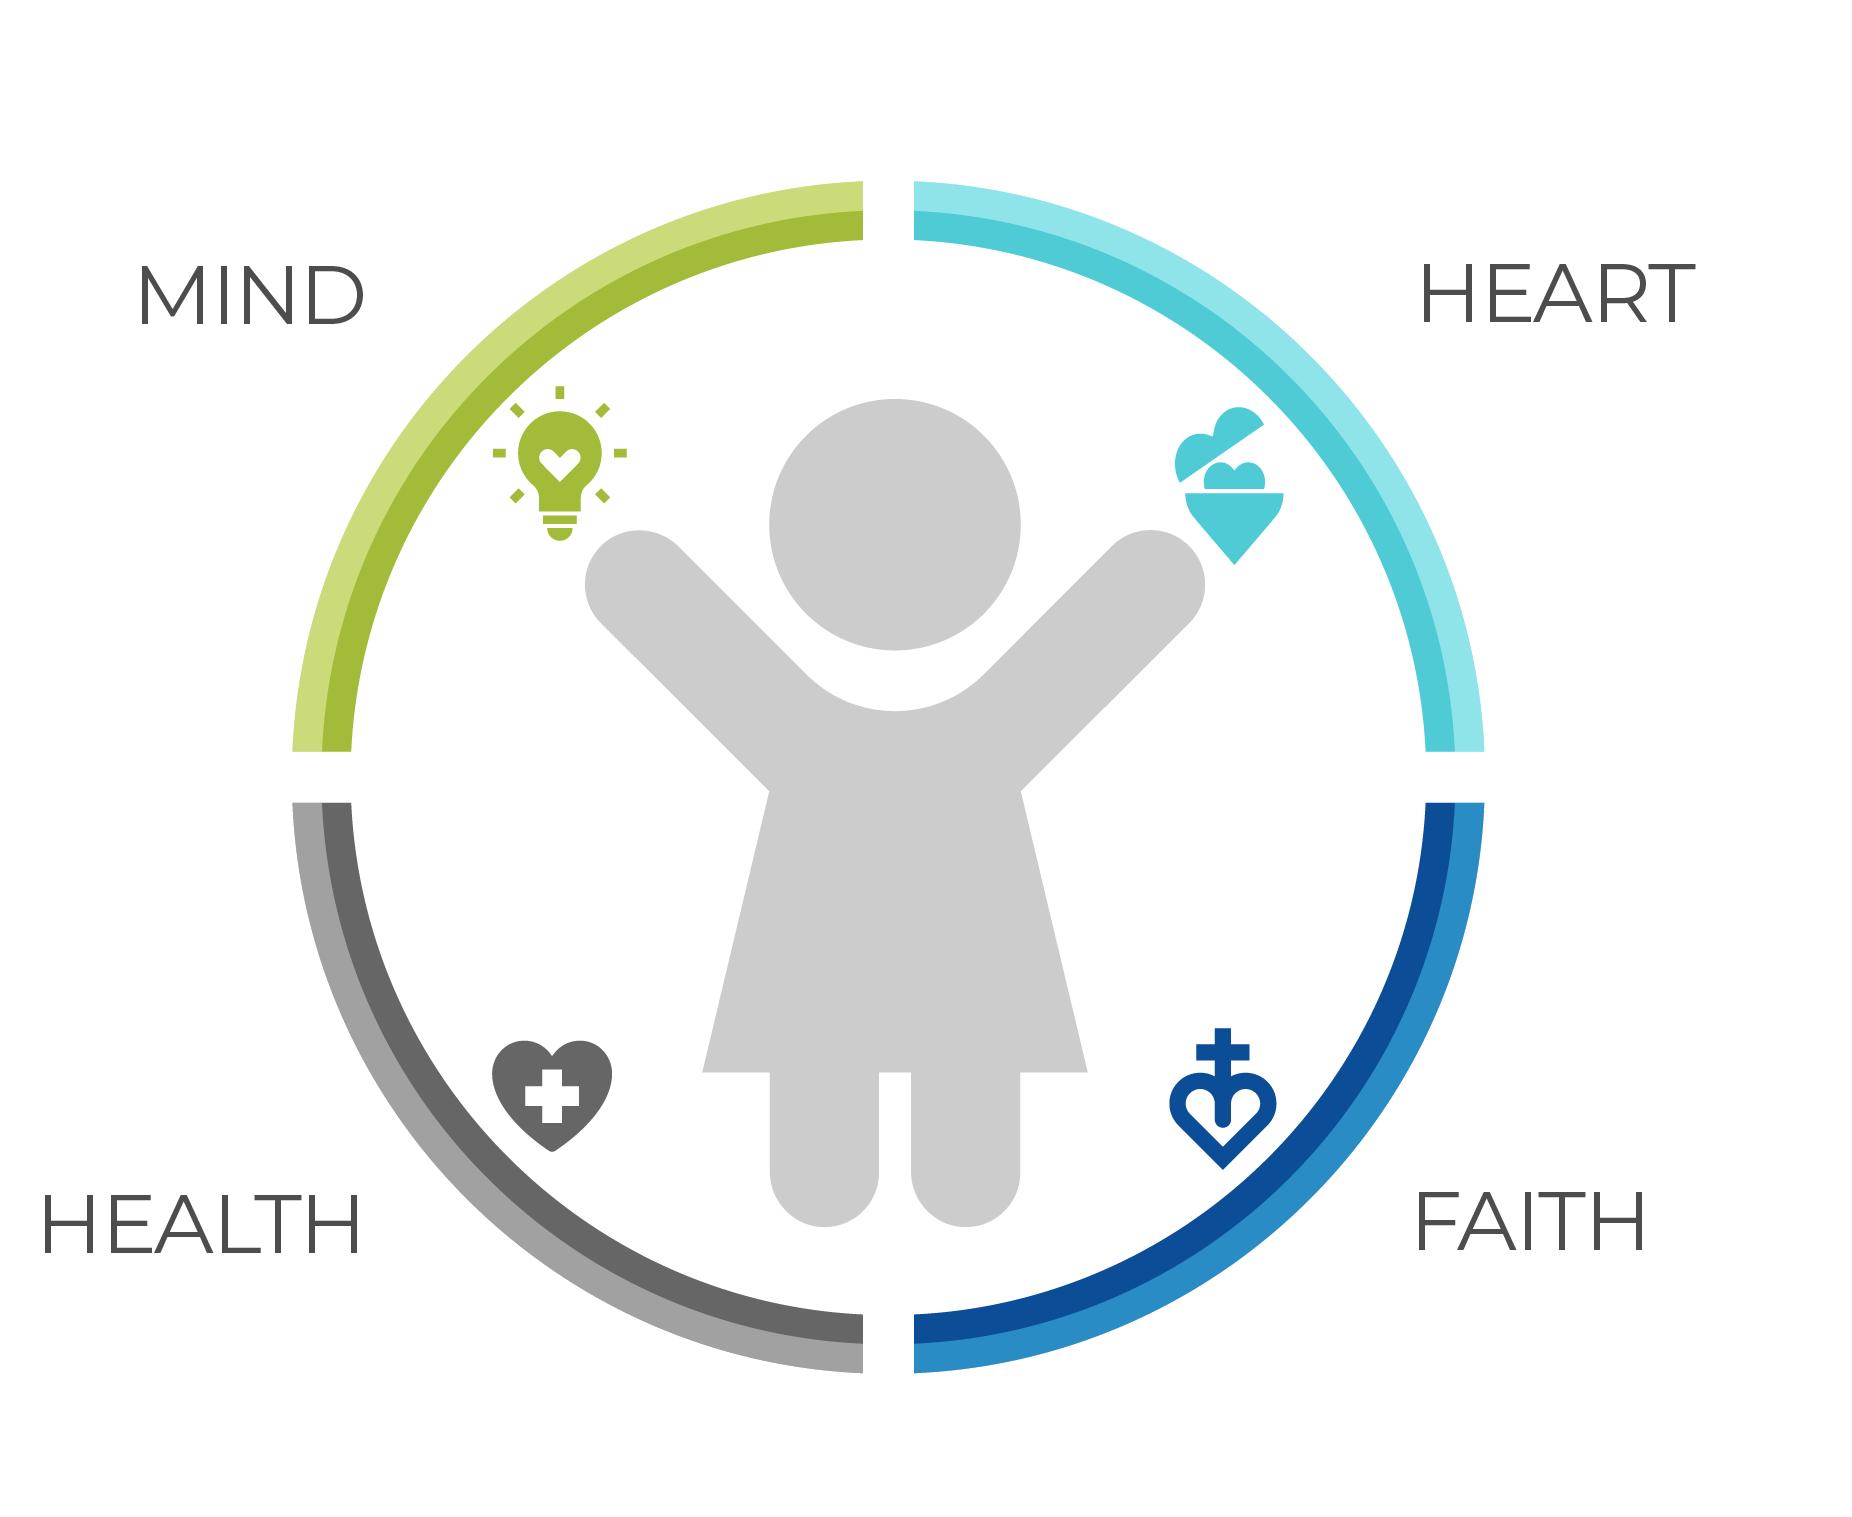 Care for the Whole Child Gráfico con un icono de una niña rodeada por cuatro secciones de un círculo con las palabras Mente, Corazón, Salud y Fe.